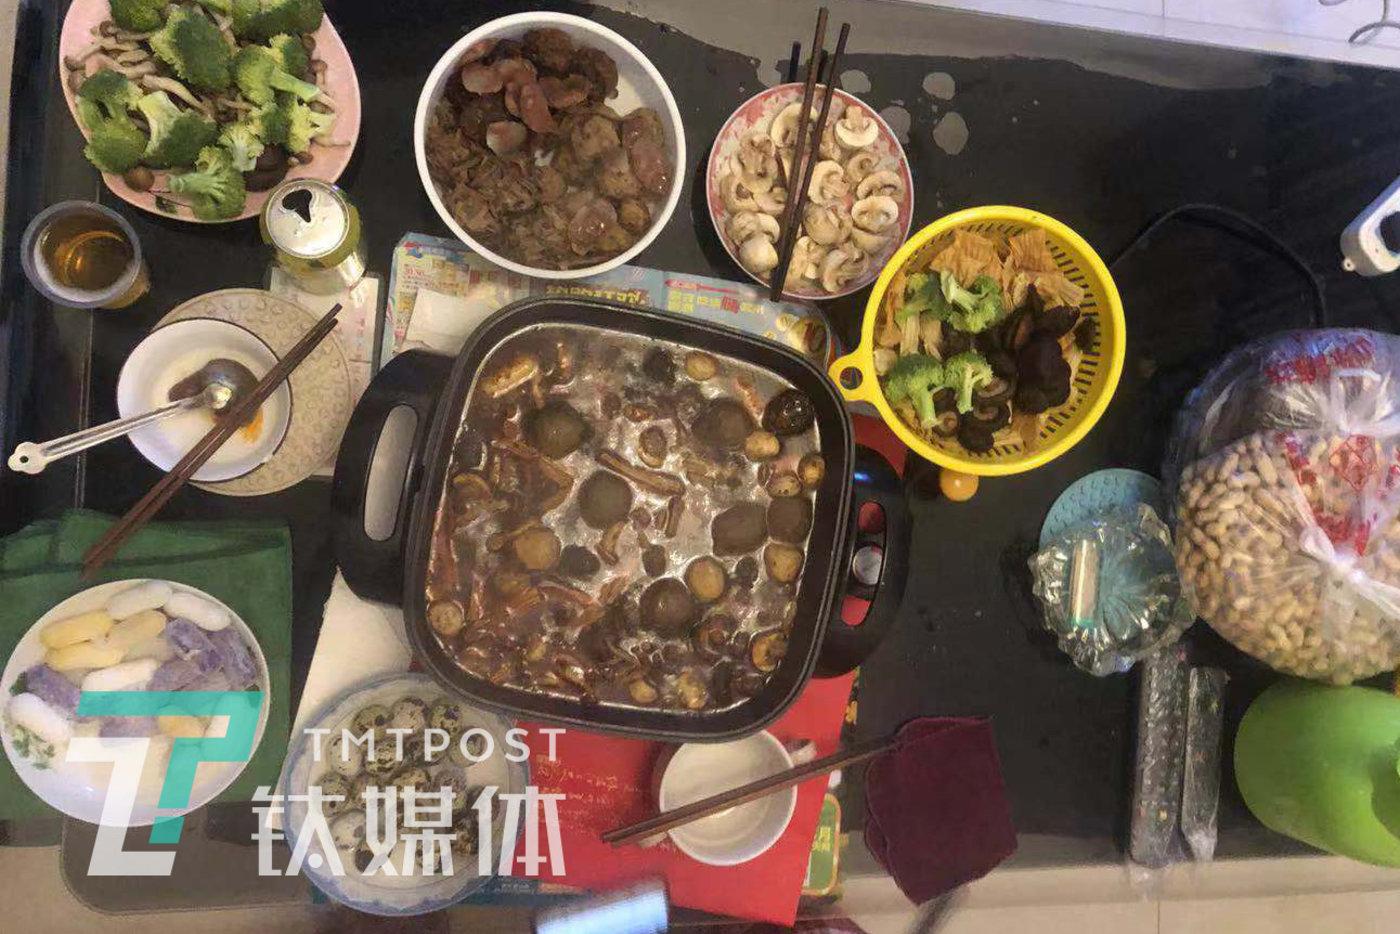 除夕年夜饭,用家里剩的食材拼做了一个火锅